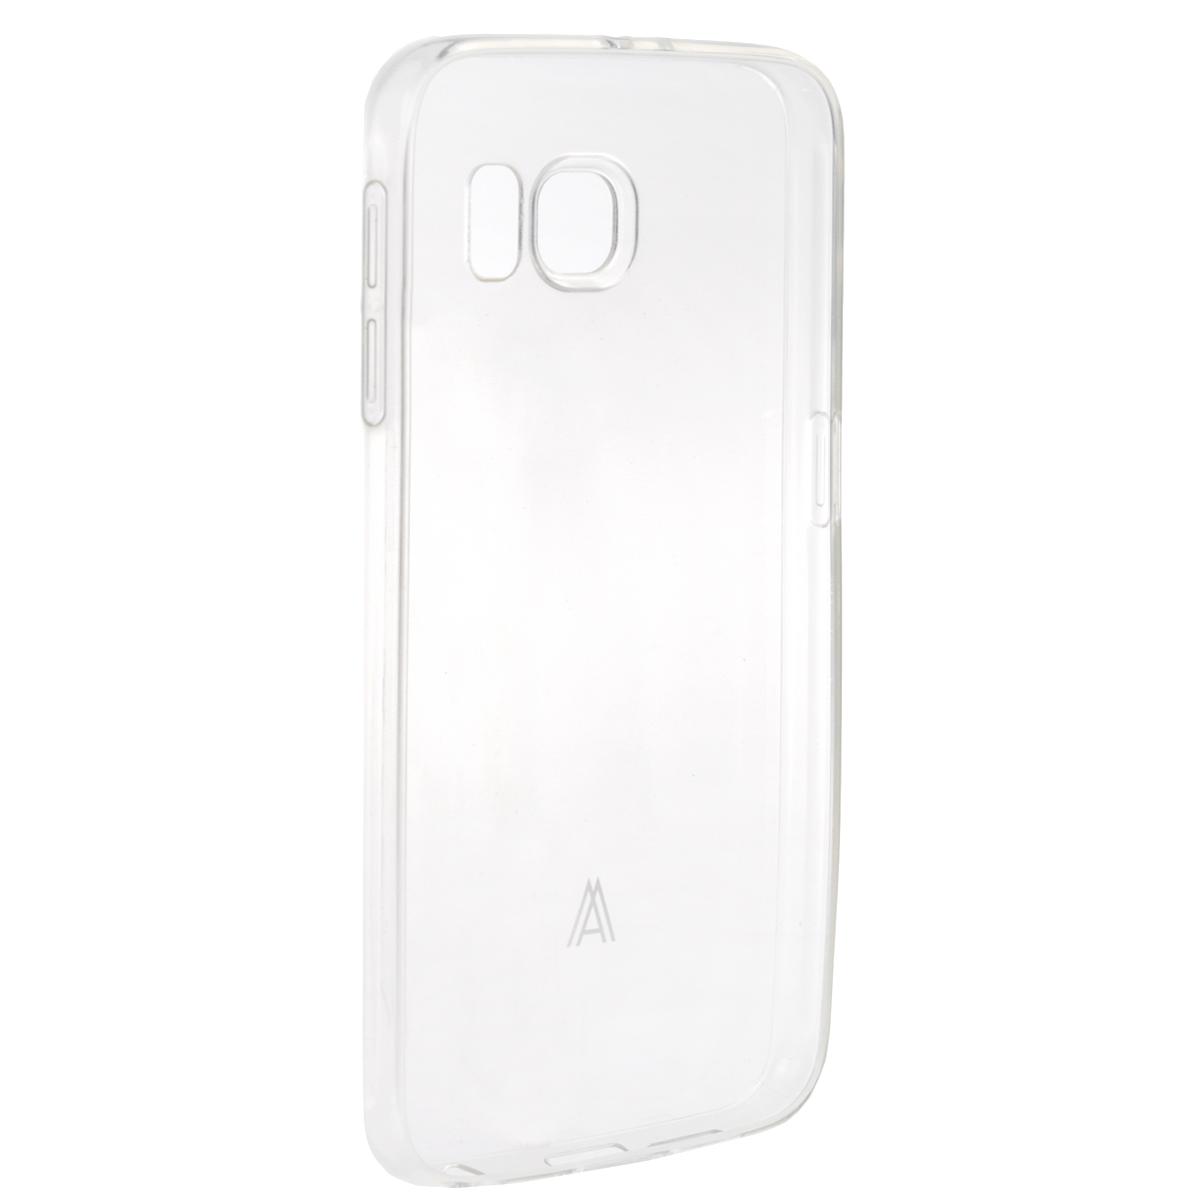 Anymode Soft Skin чехол для Samsung S6, ClearFA00032KCLНакладка Anymode Soft Skin для Samsung S6 защитит ваше устройство от механических повреждений и падений. Имеет свободный доступ ко всем разъемам и кнопкам телефона.